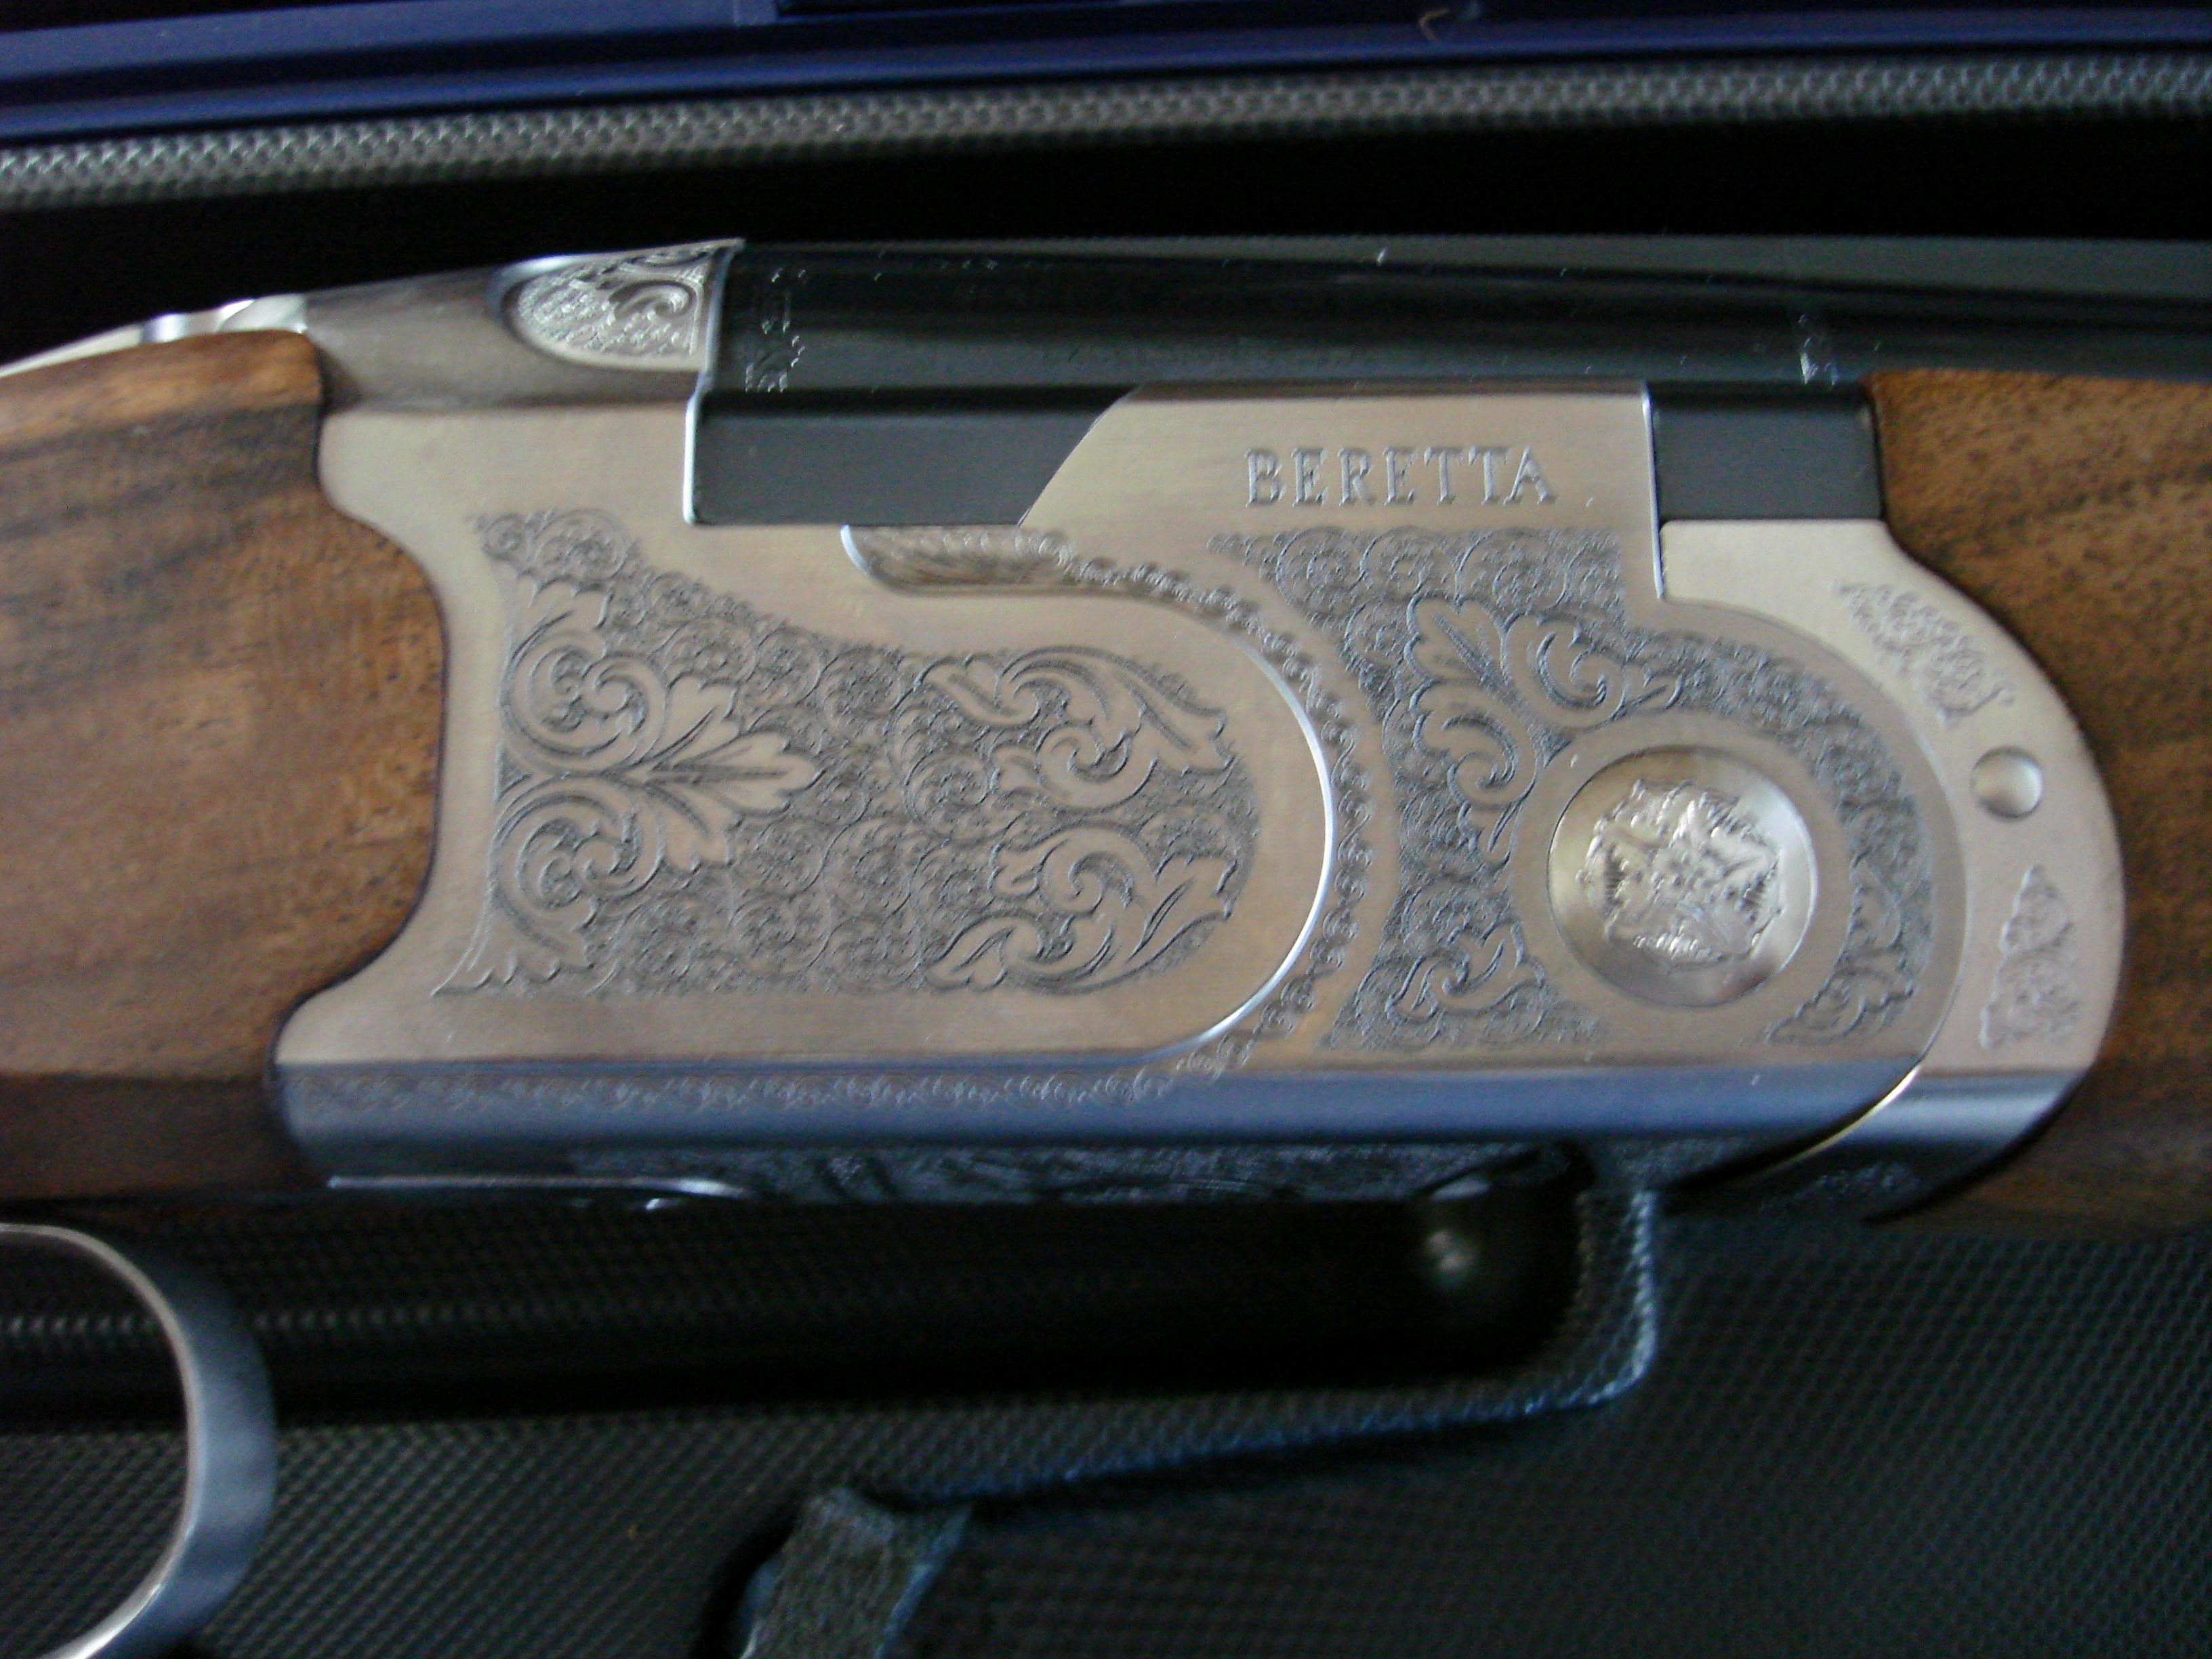 Beretta 687 silver pigeon ii manual.